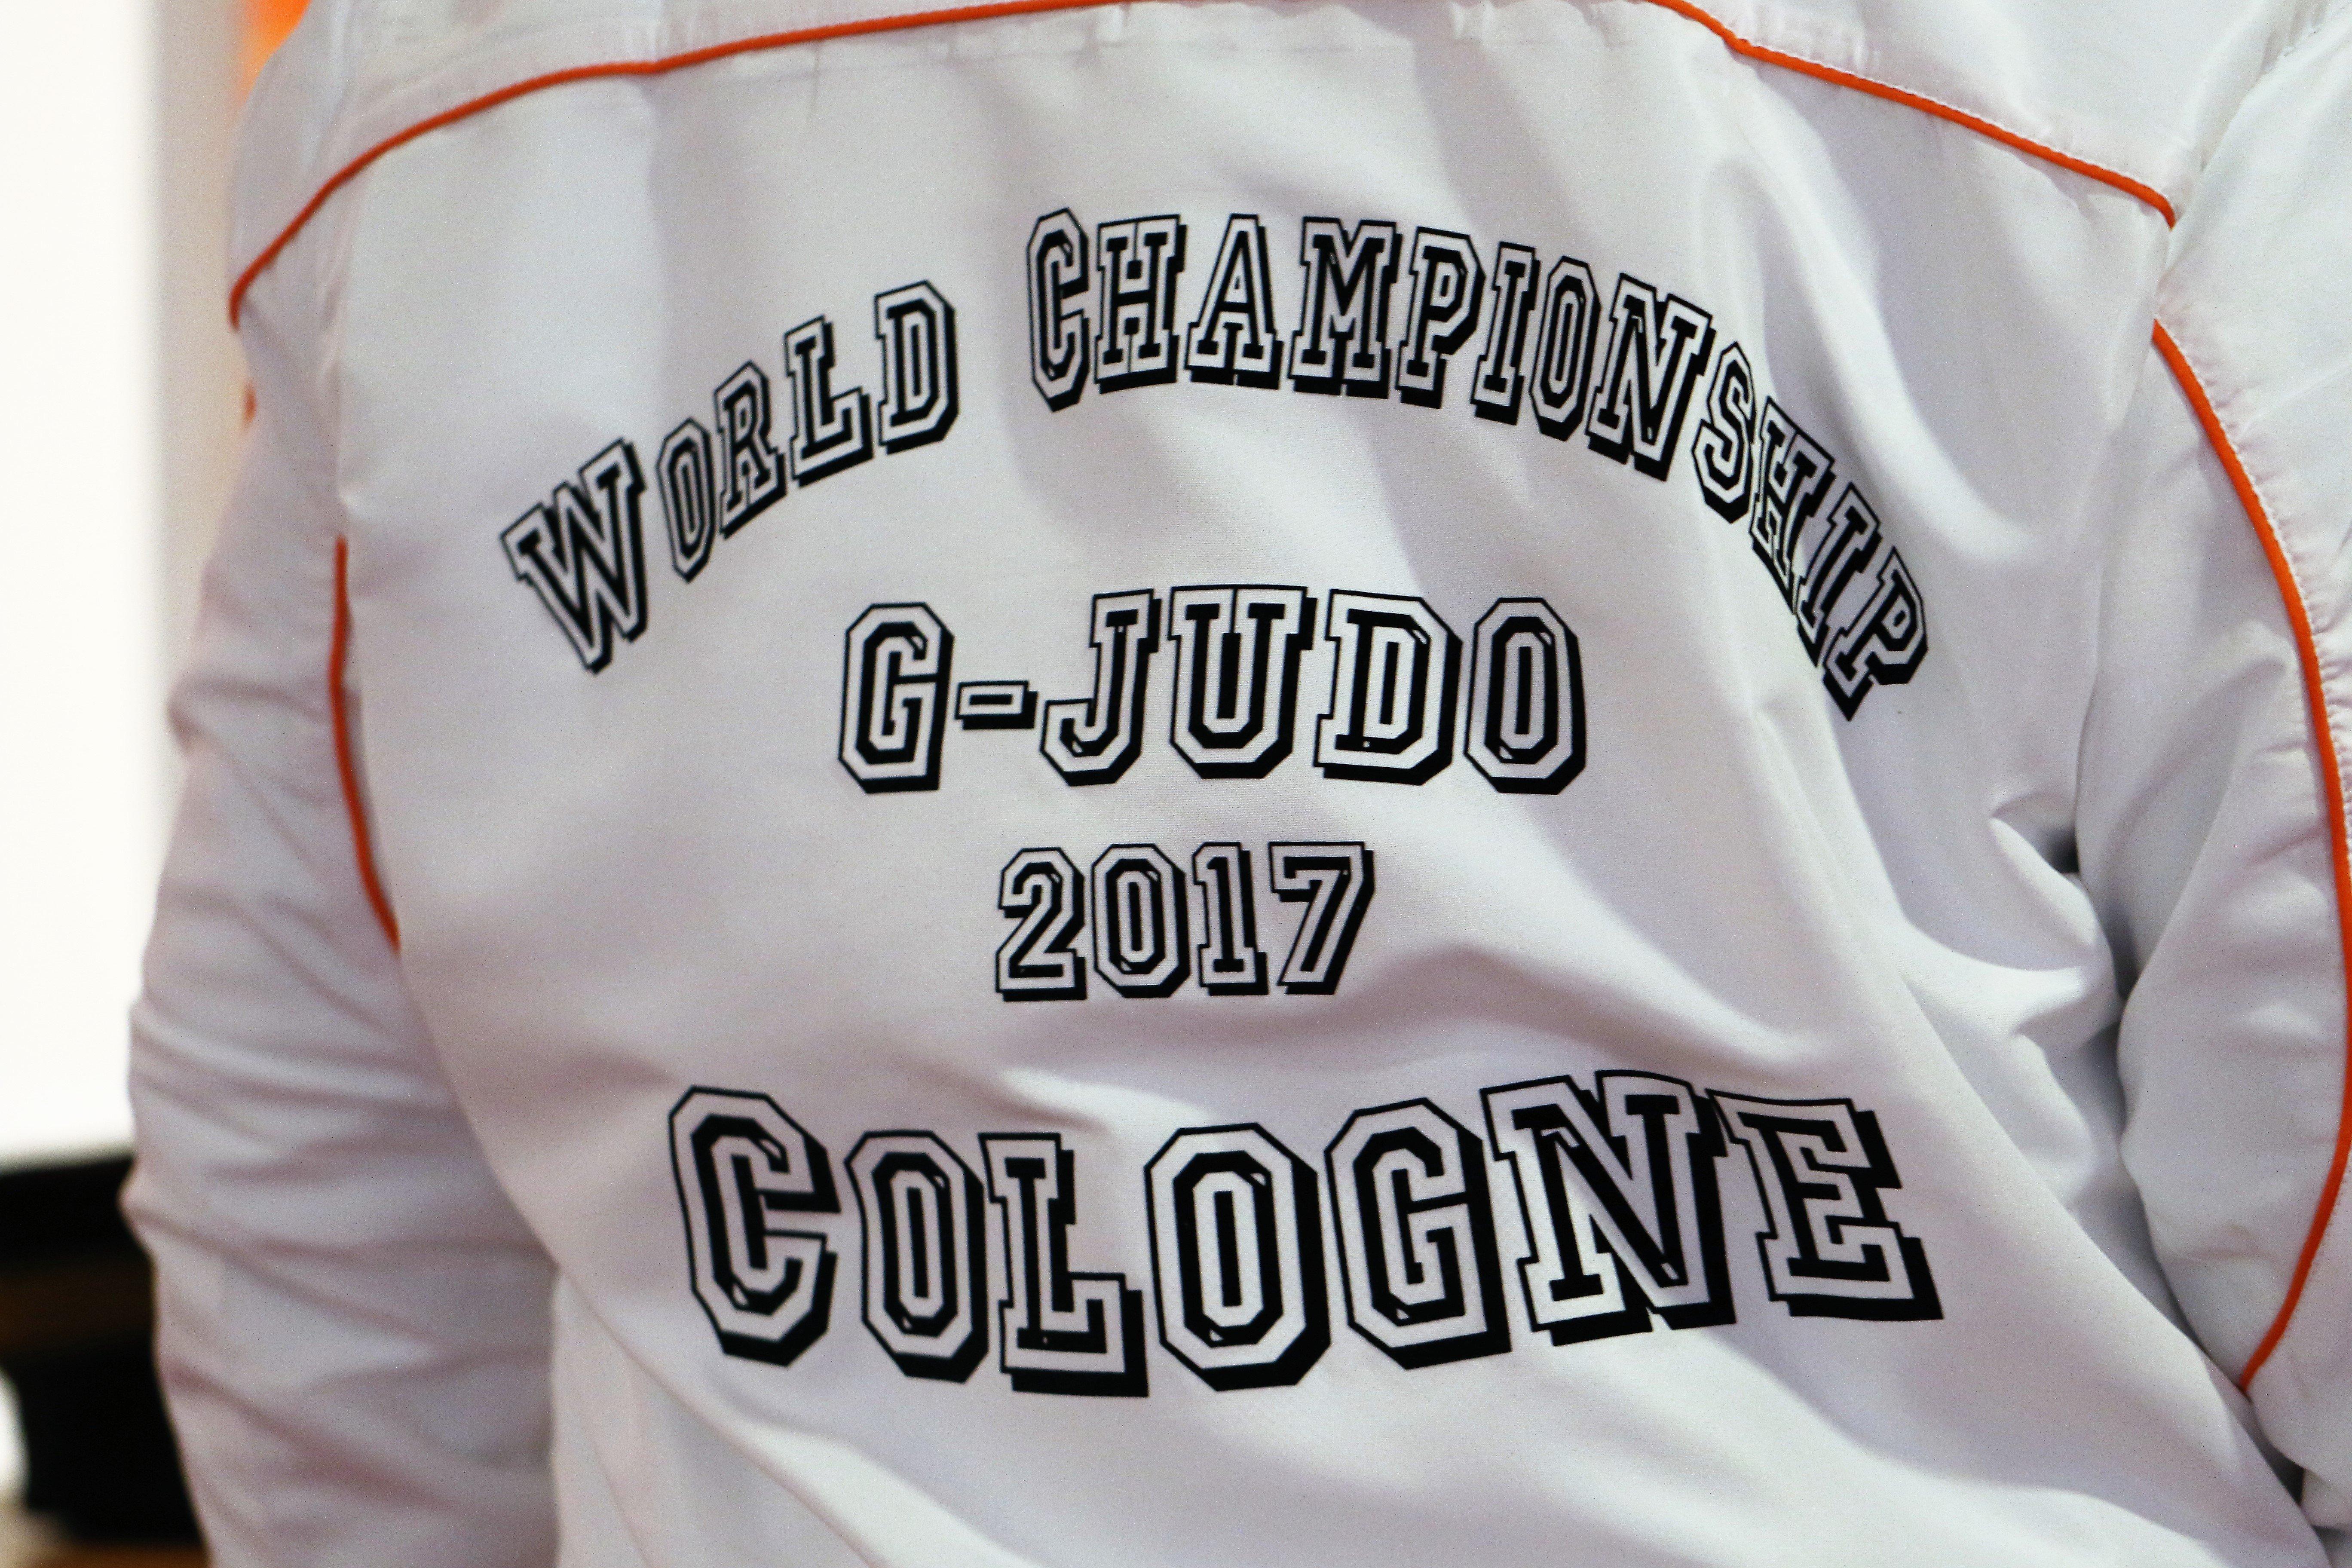 Pressekonferenz in Köln Erste WM Judo  G-Judo 2017